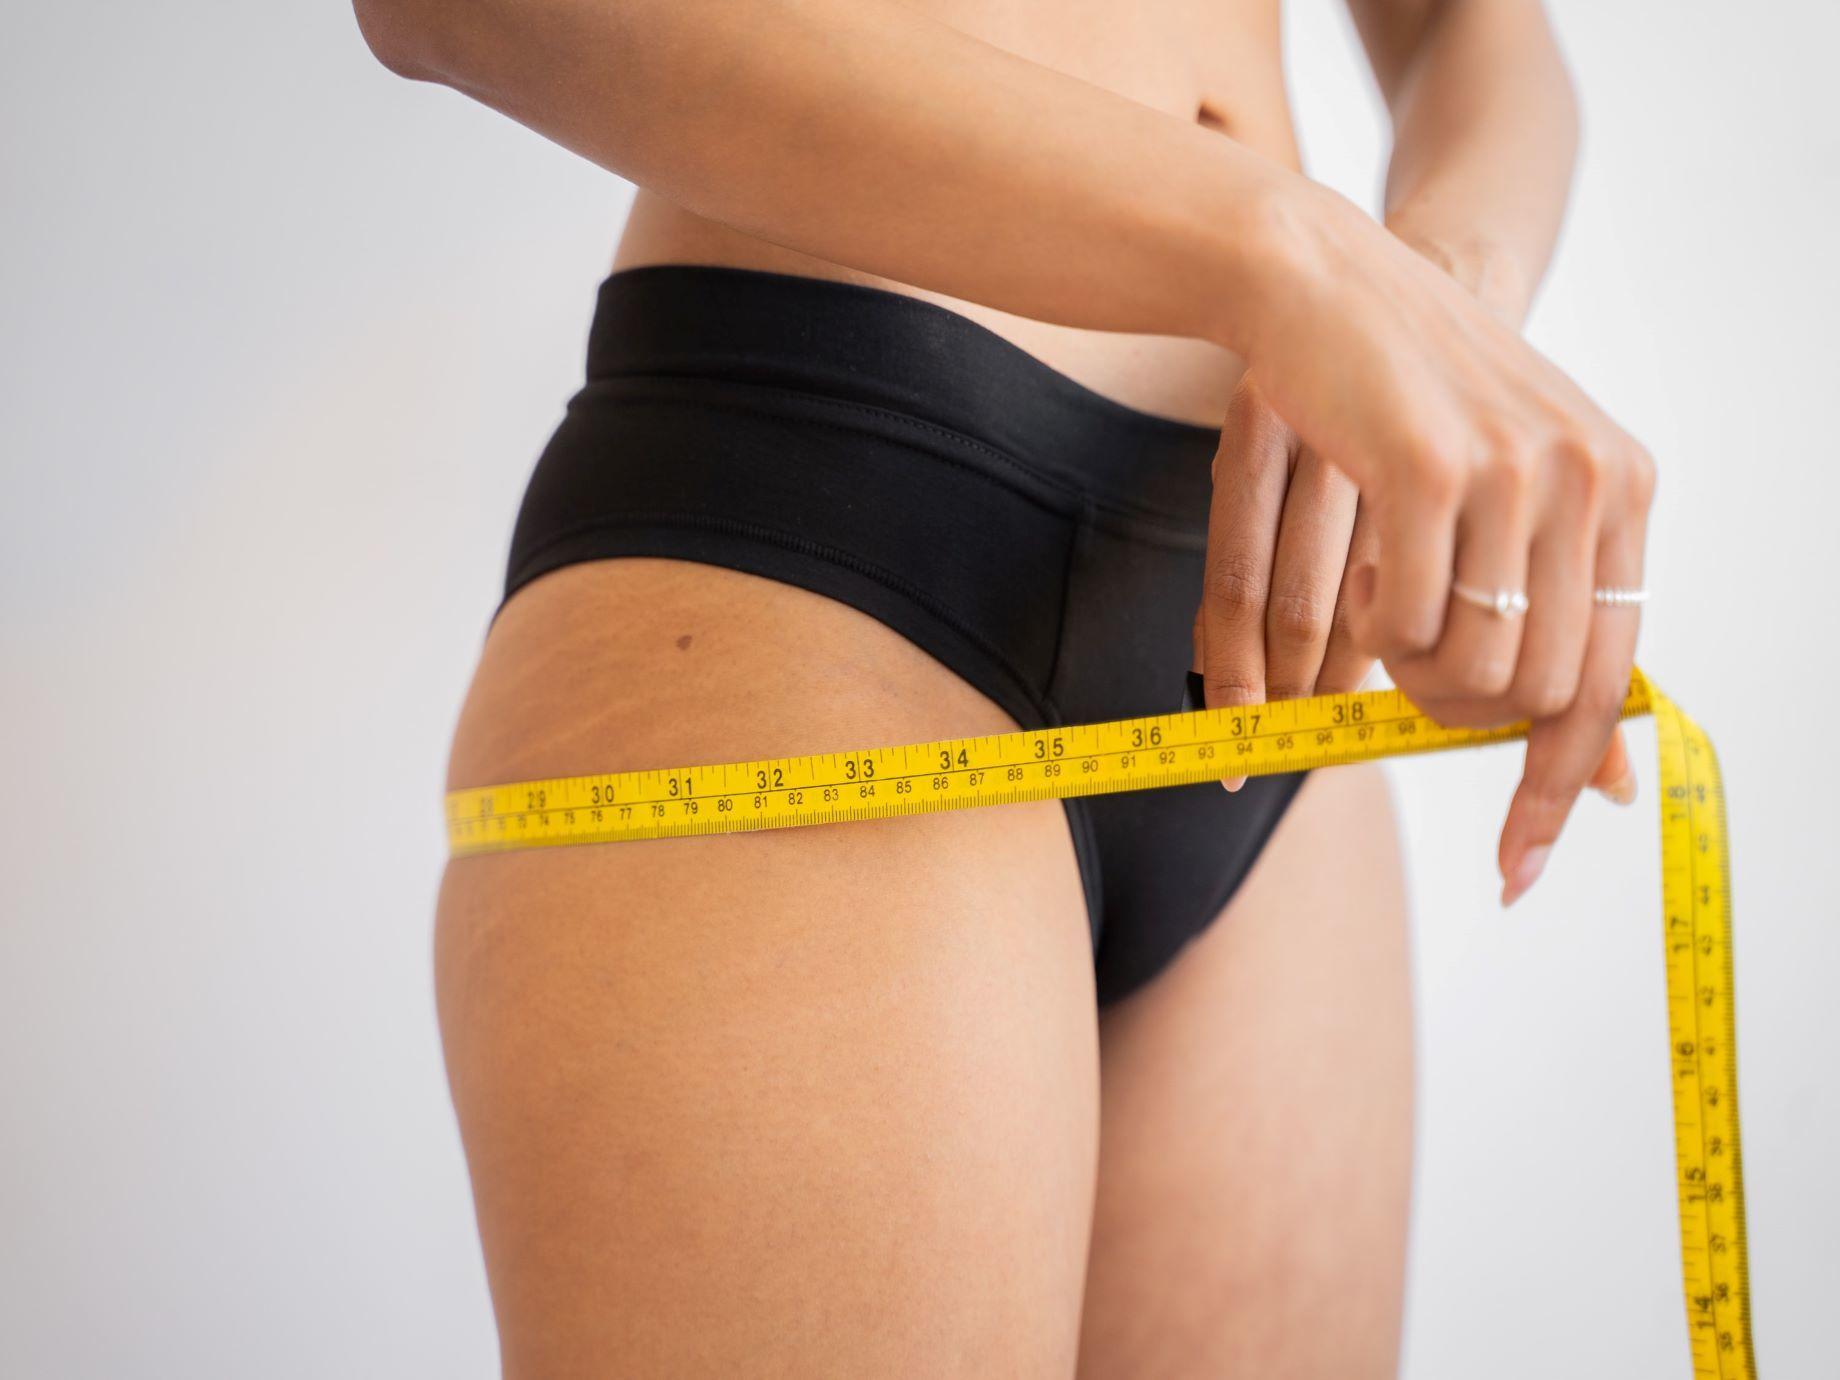 少吃多動,體重數字還是下不來嗎?立即釐清減肥無效3元兇,否則只會越減越肥!